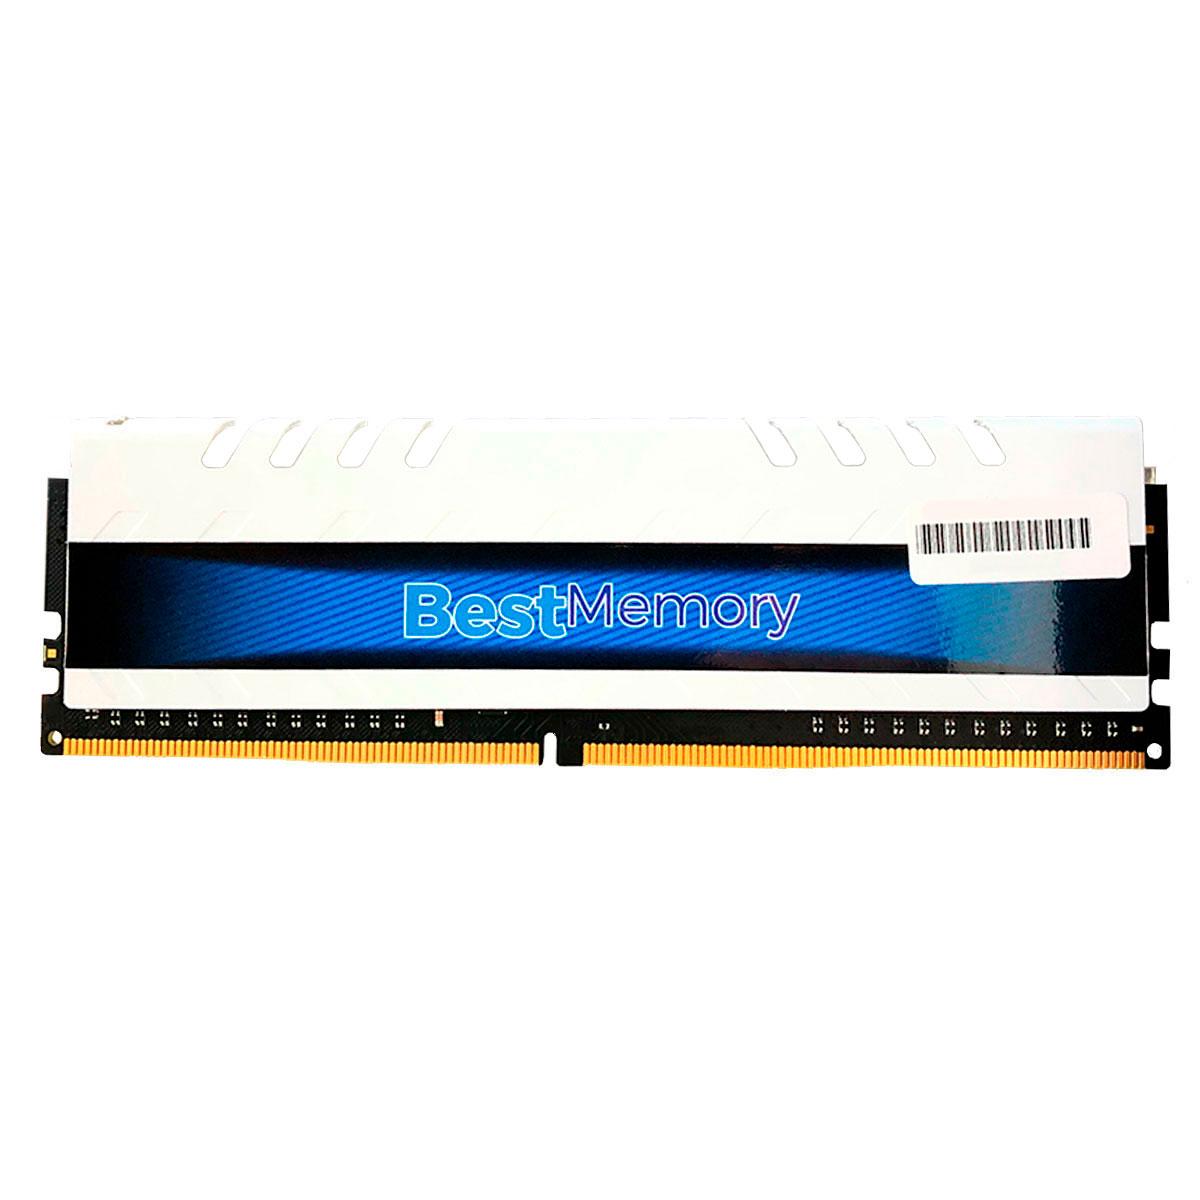 Memória Gamer 8GB Best Memory Highlander, DDR4, 3000MHz, CL15 - BT-D4-8G-3000D White